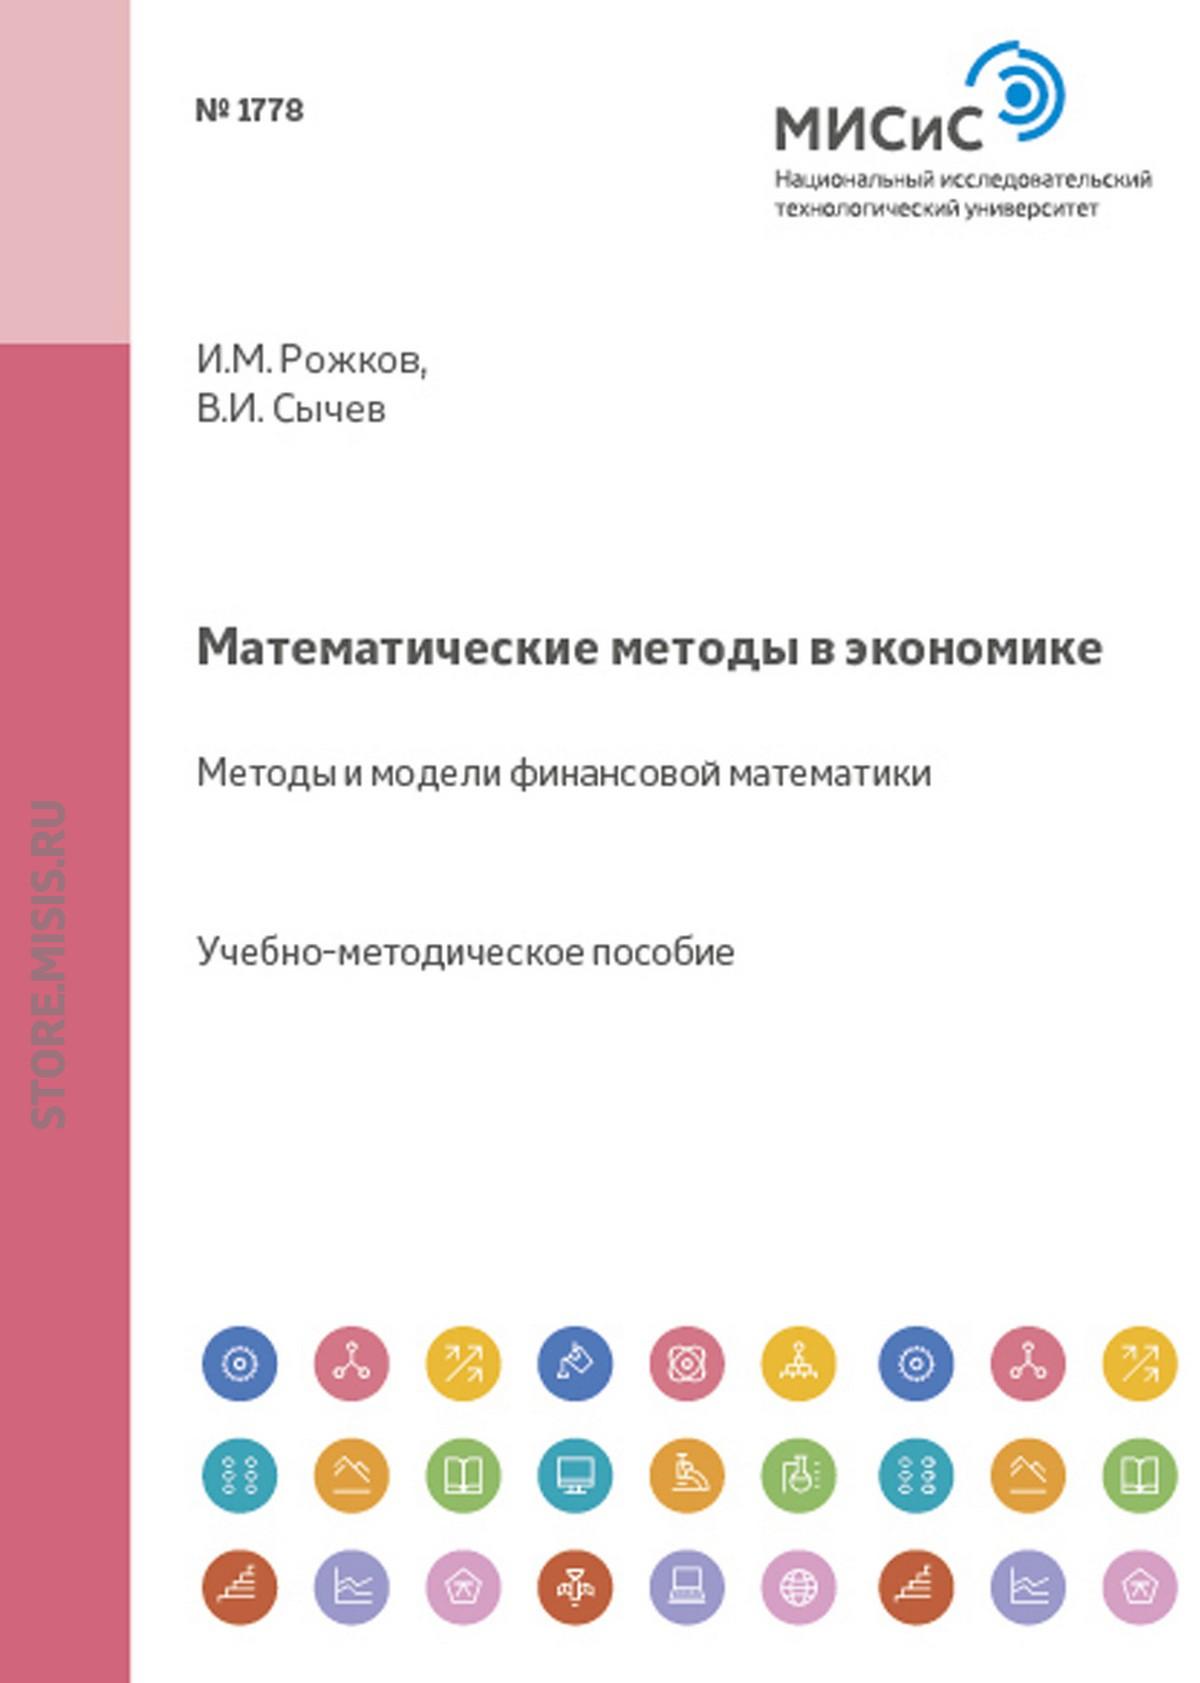 цена И. М. Рожков Математические методы в экономике. Методы и модели финансовой математики